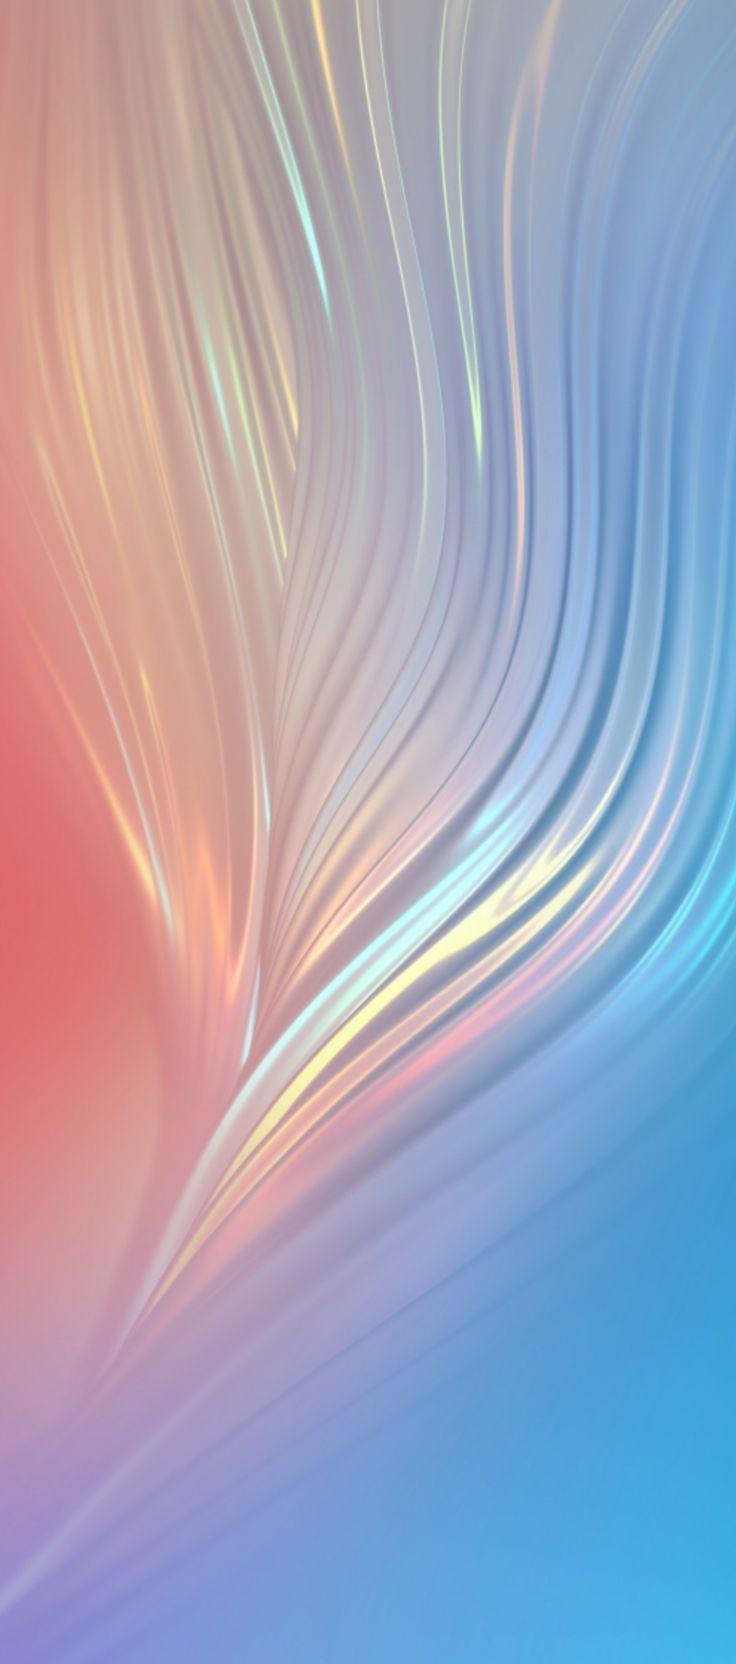 Download 50 Koleksi Wallpaper Wa Samsung Gambar HD Paling Keren